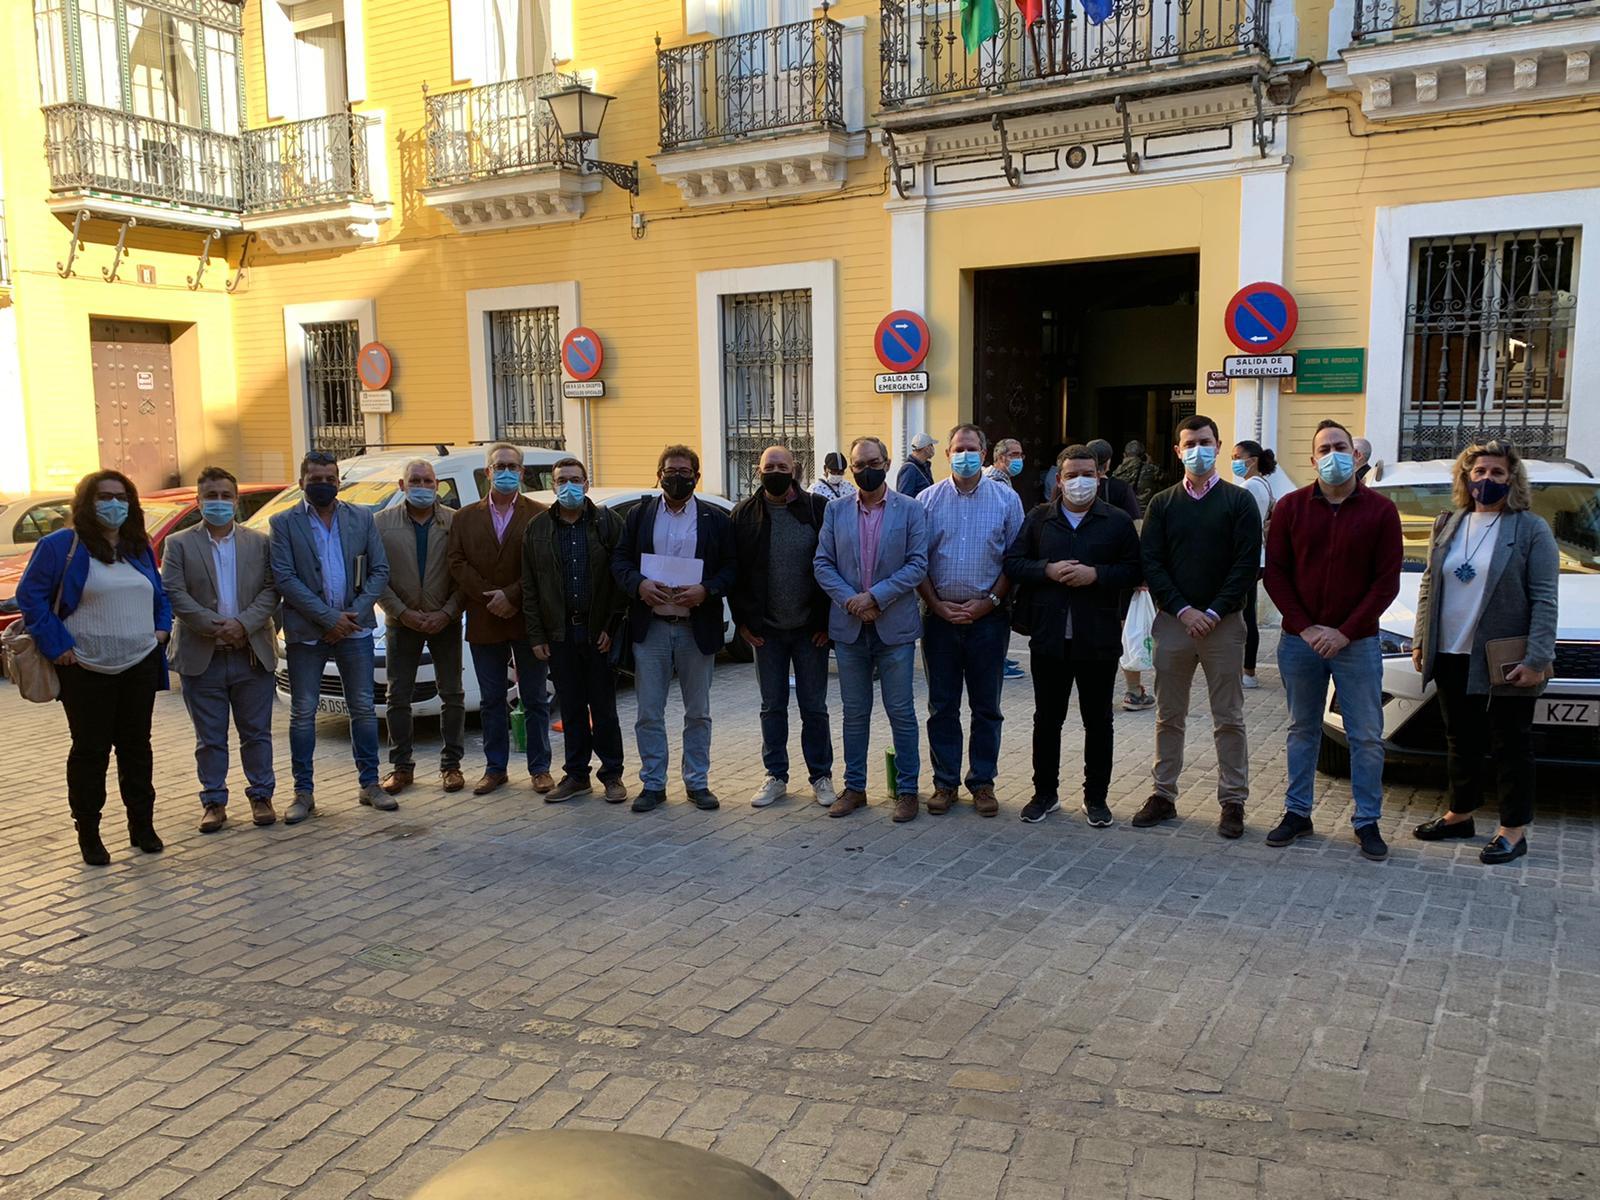 Los Alcaldes de la Sierra Morena sevillana piden a la Junta de Andalucía una solución ante el recorte del servicio de autobuses